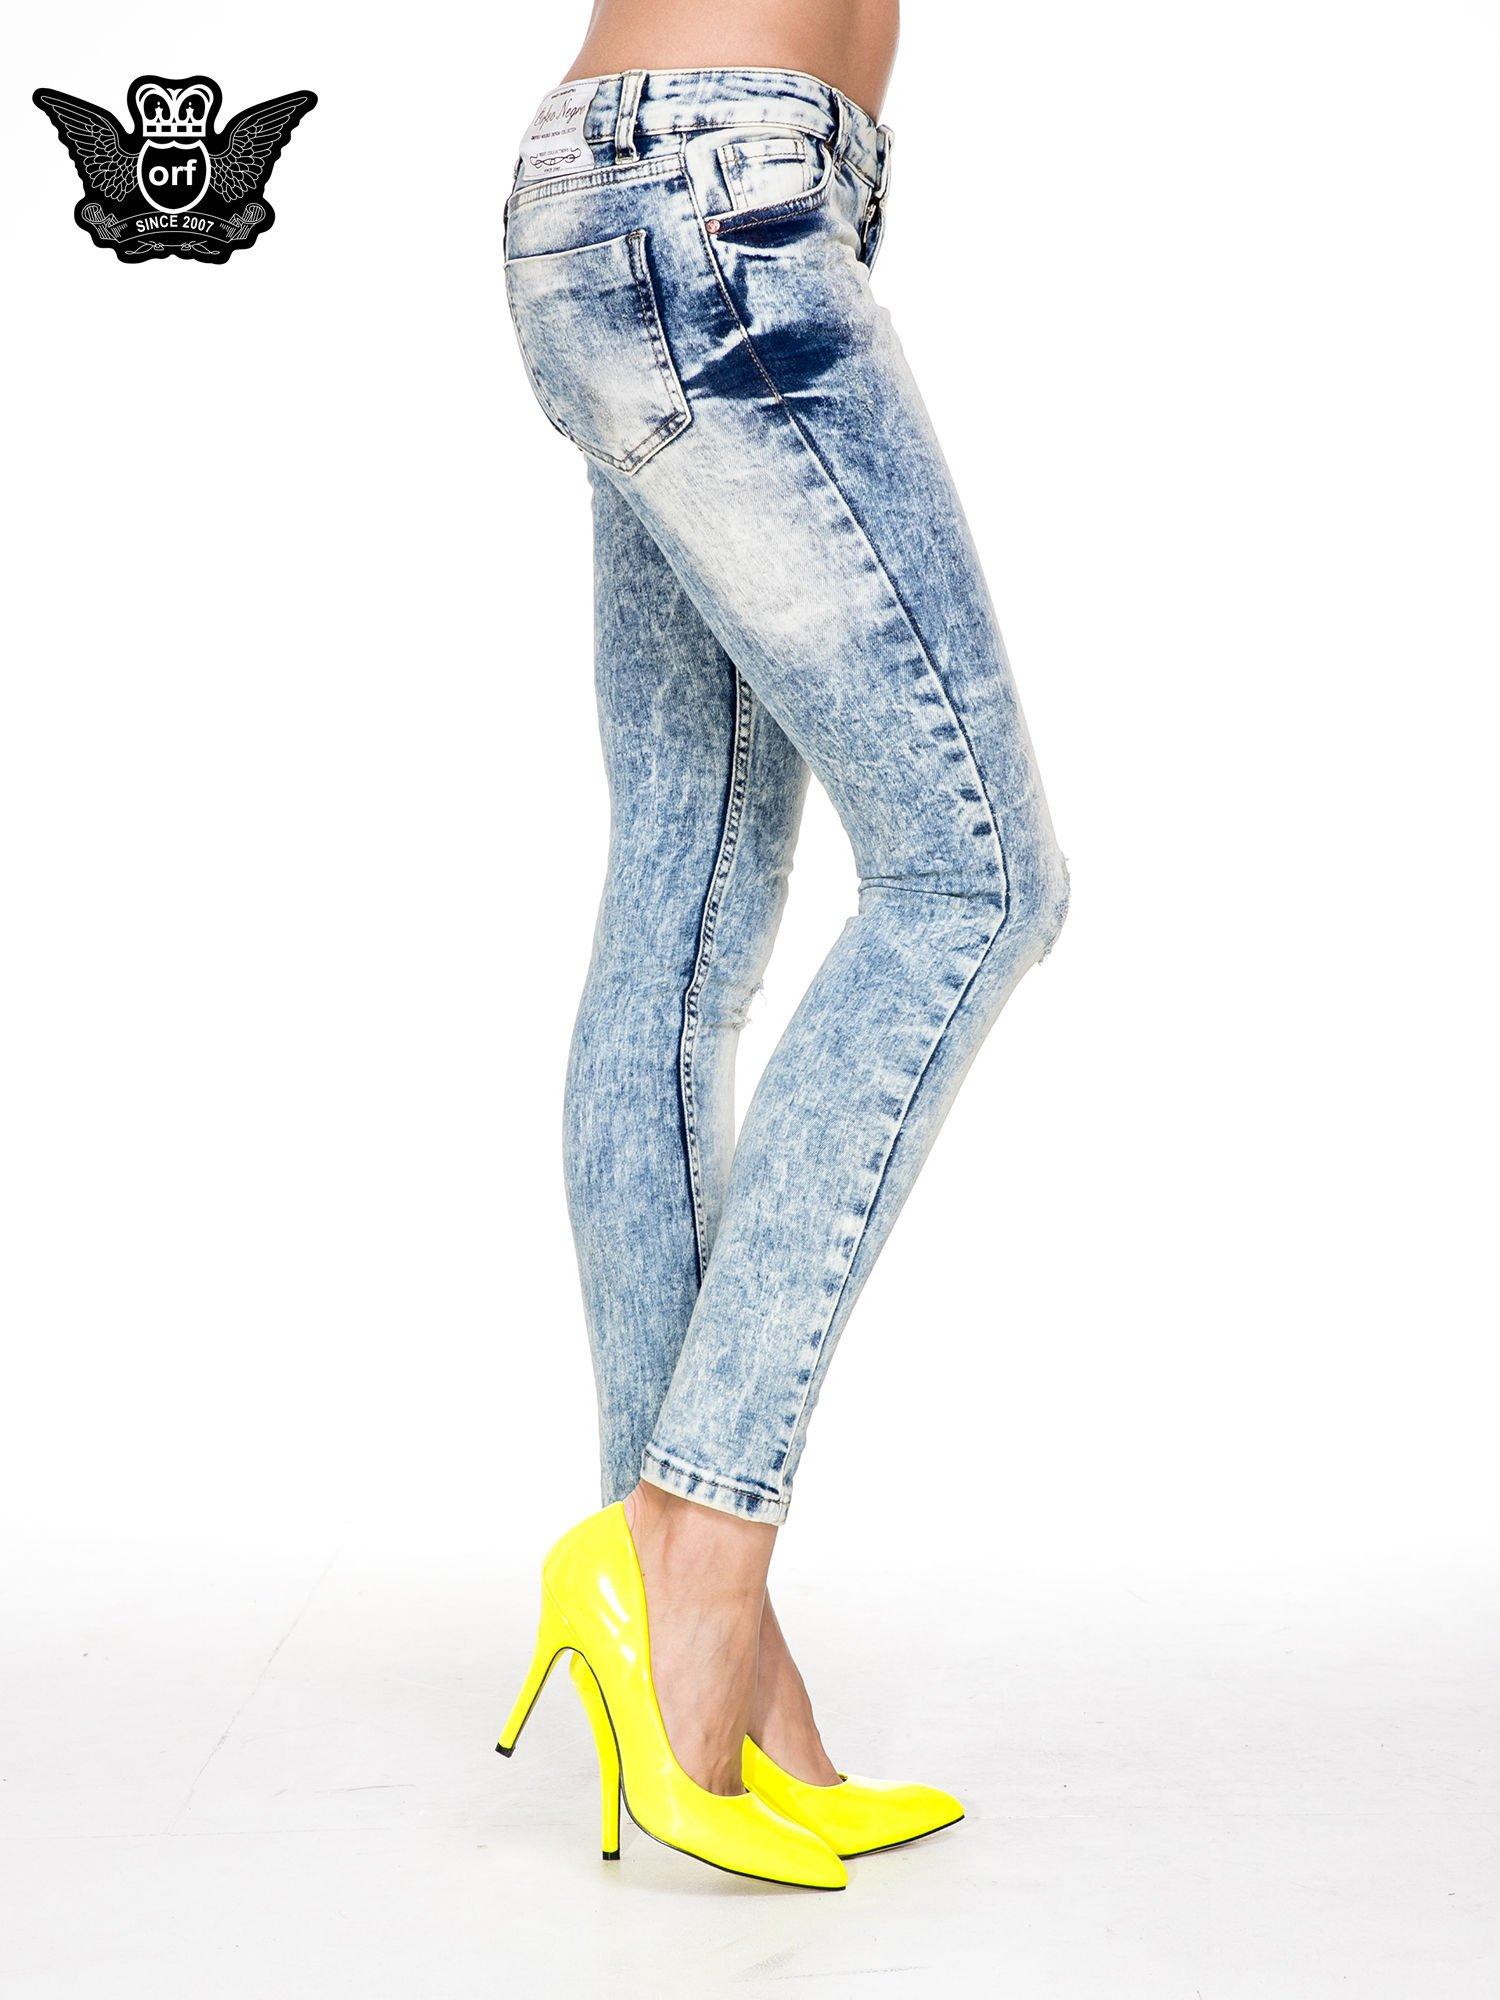 Jasnoniebieskie spodnie skinny jeans z dziurami i modelującym rozjaśnieniem                                  zdj.                                  3